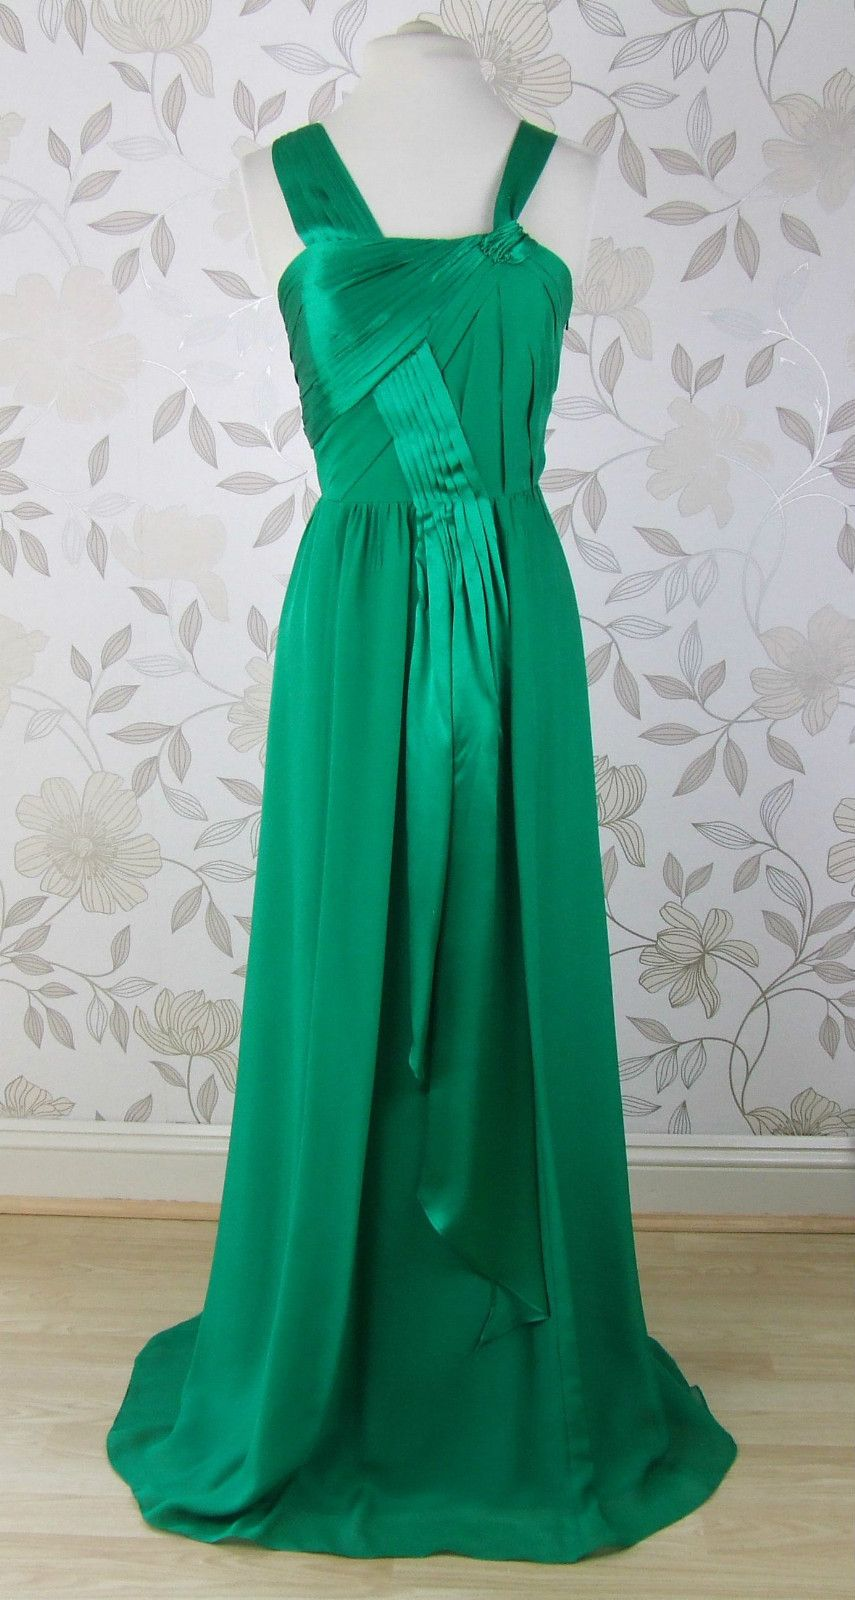 Gorgeous BNWT Monsoon EMERALD Green Silk Evening Long Dress Size 12 ...